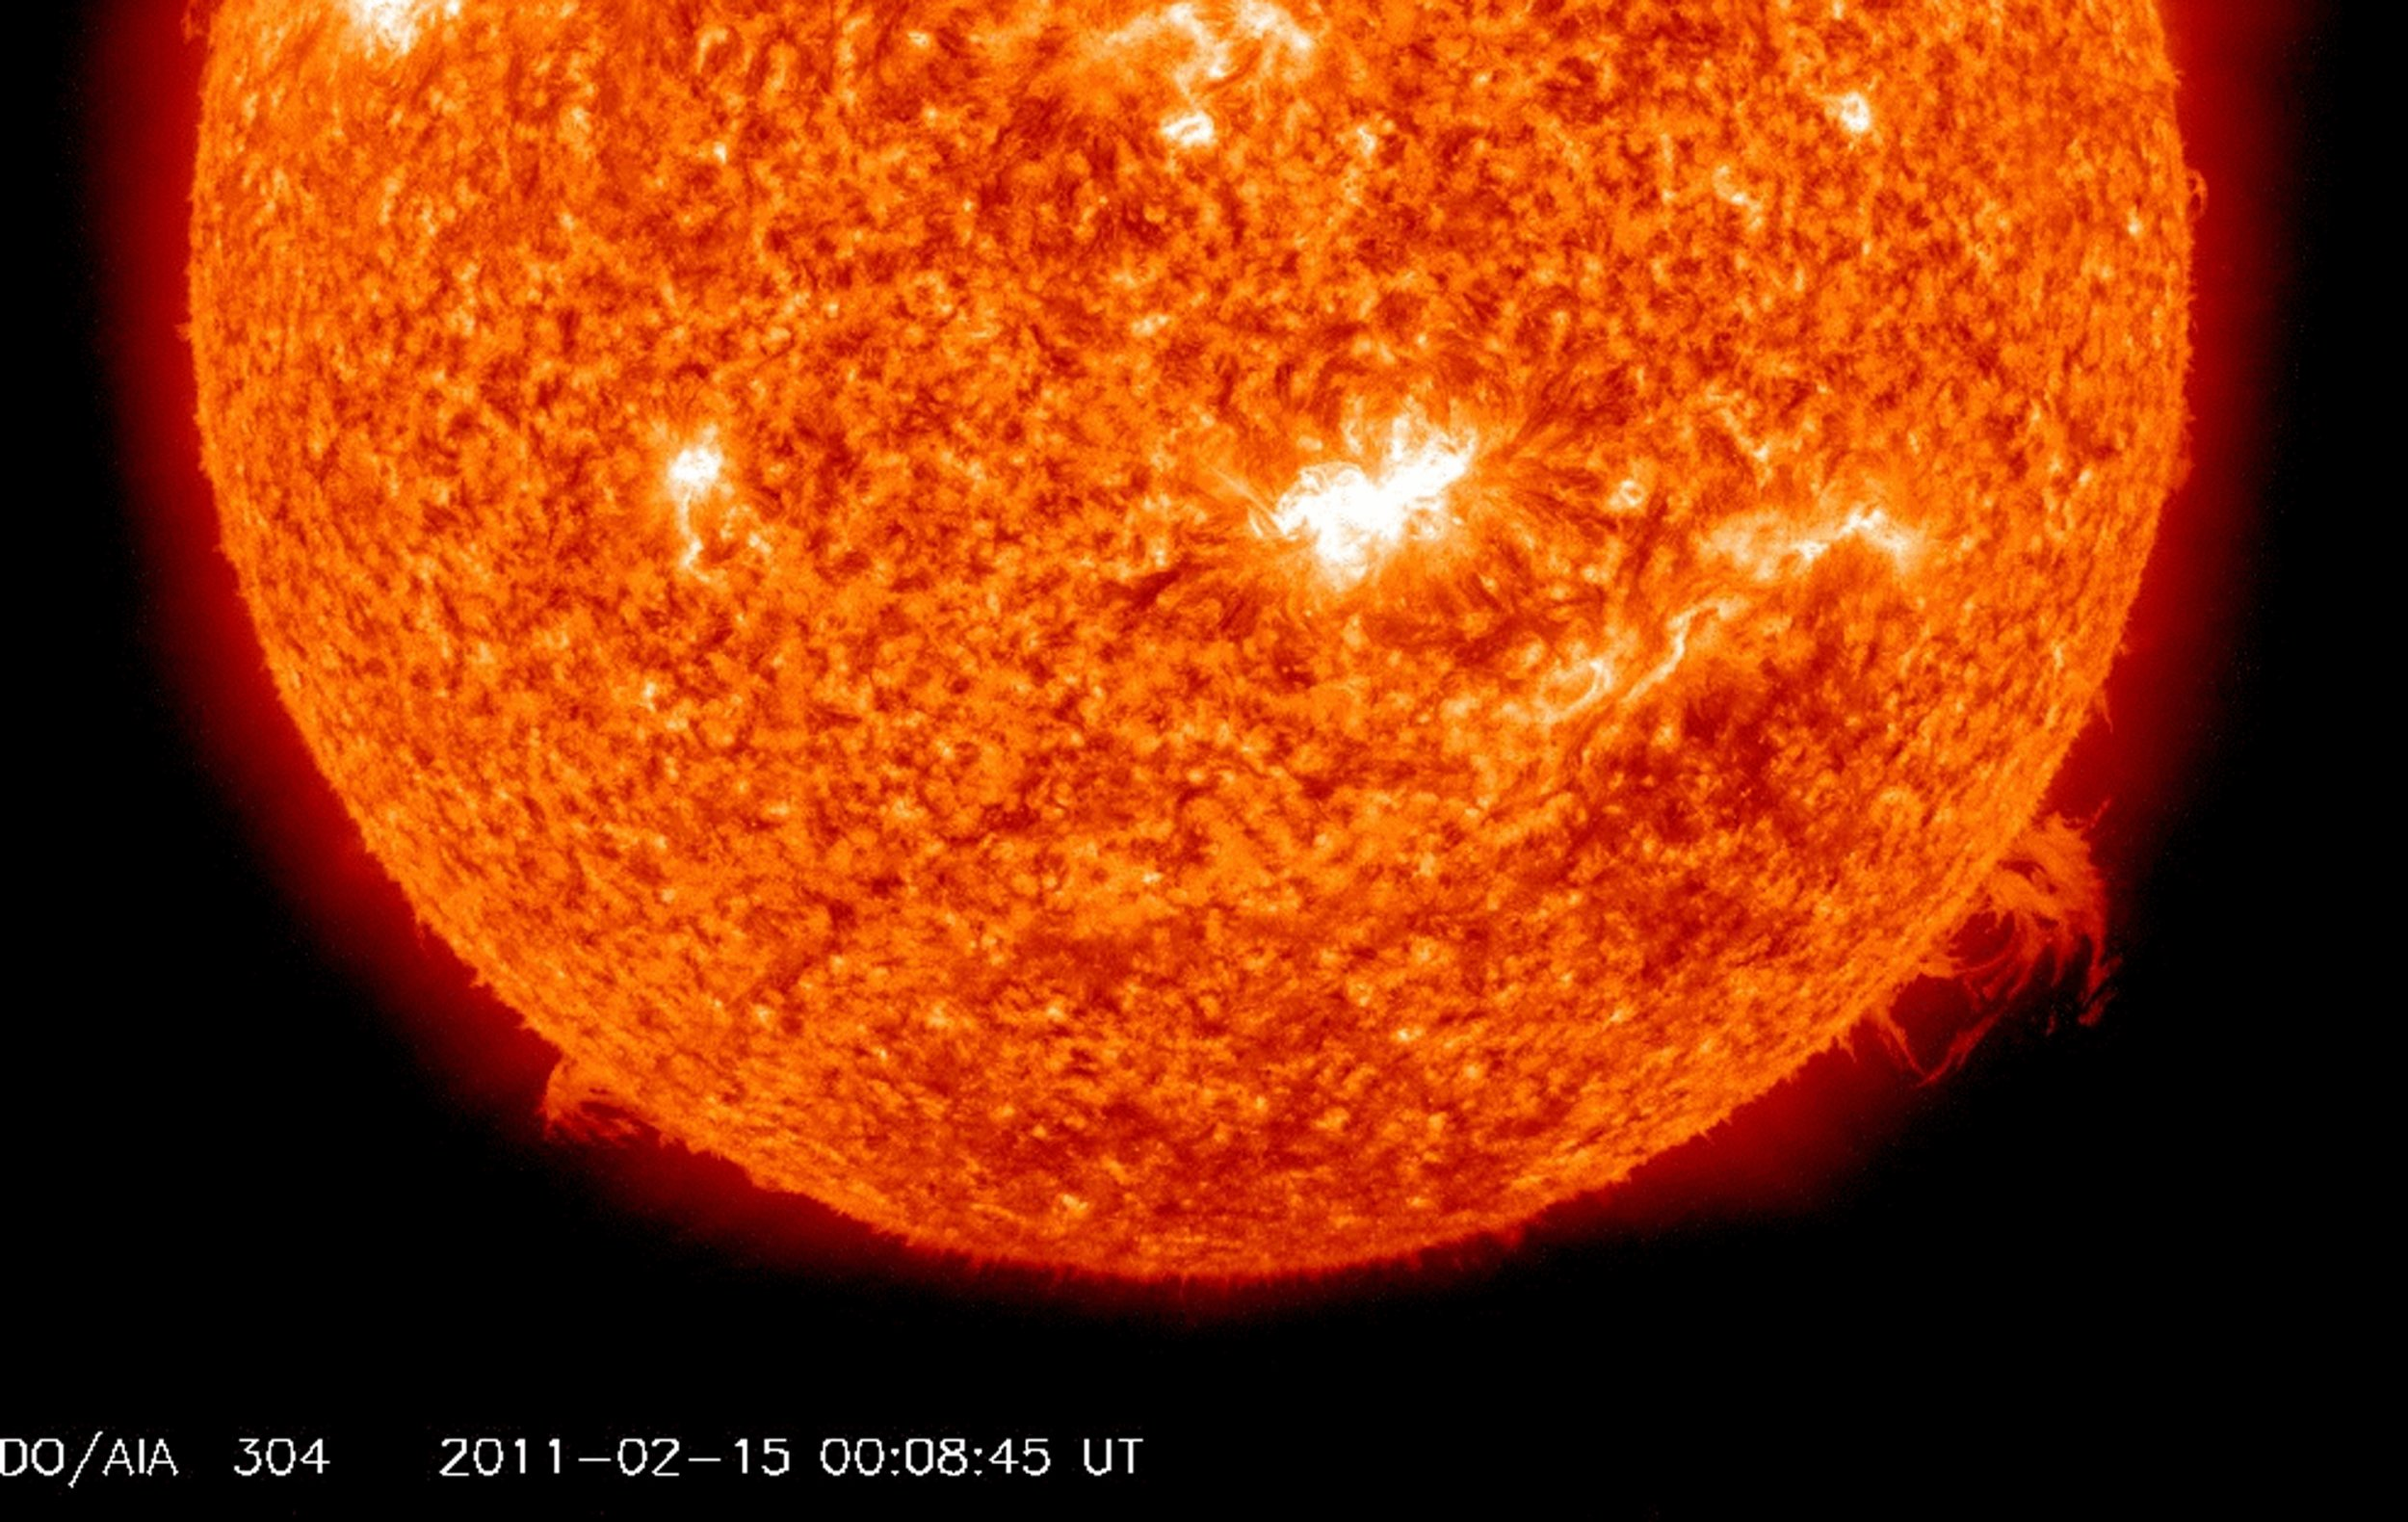 sun flare X class